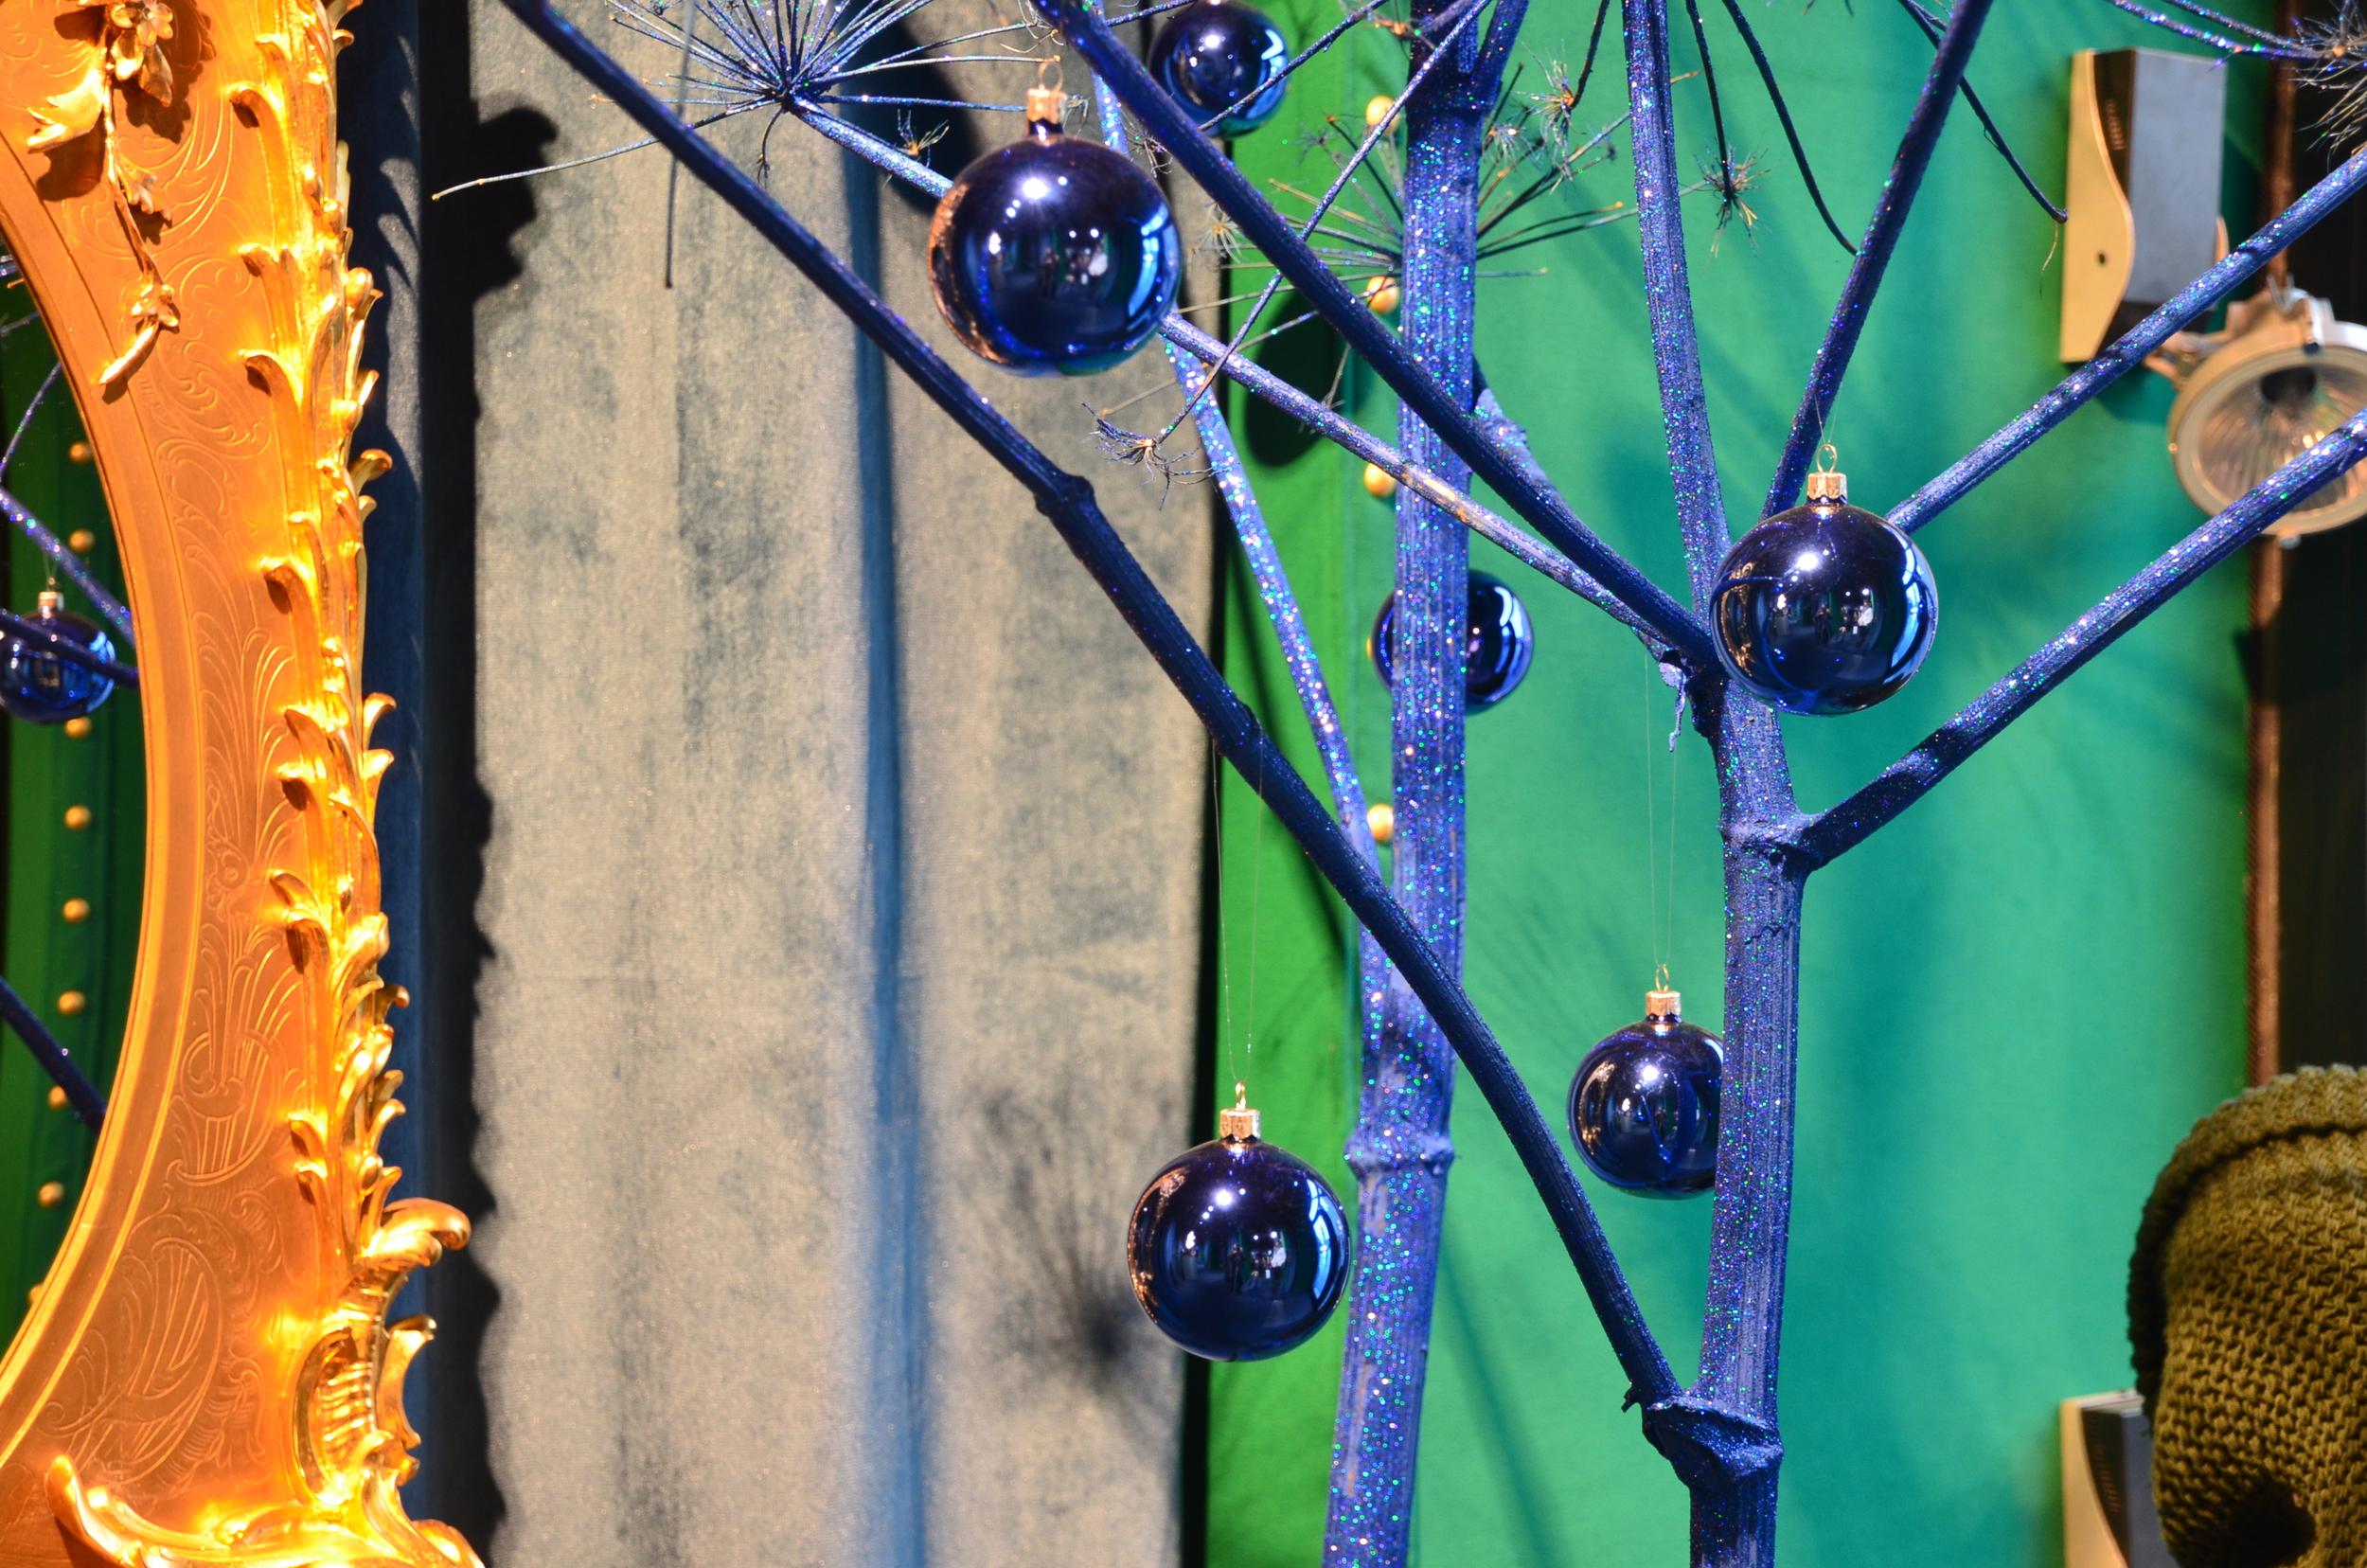 dekoracje_swiateczne_sklepowe_projekt_i_wykonanie.JPG